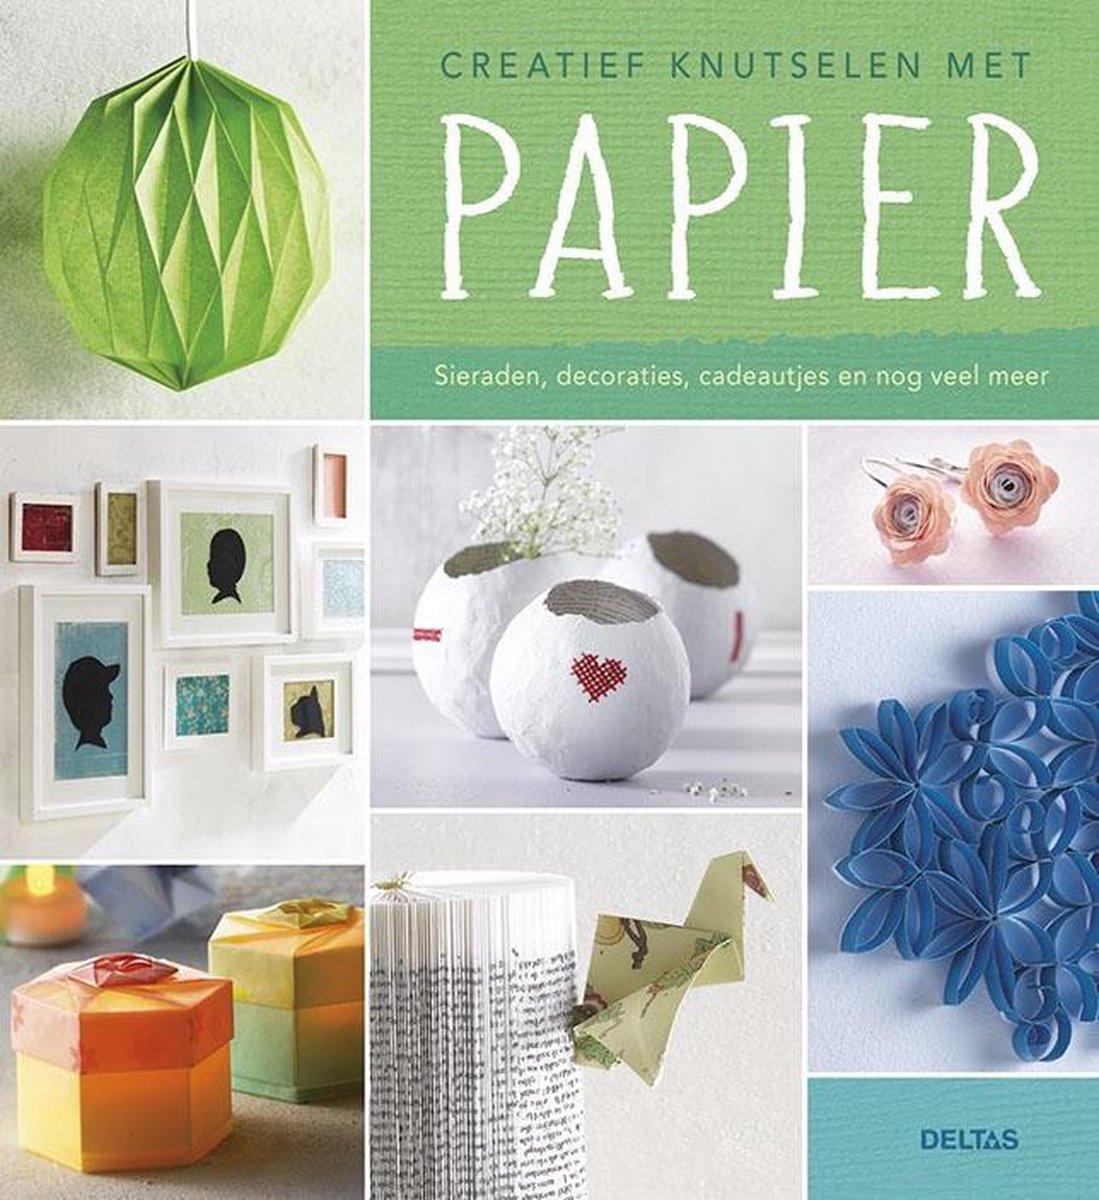 Verbazingwekkend bol.com | Creatief knutselen met papier | 9789044741742 | Boeken YW-02